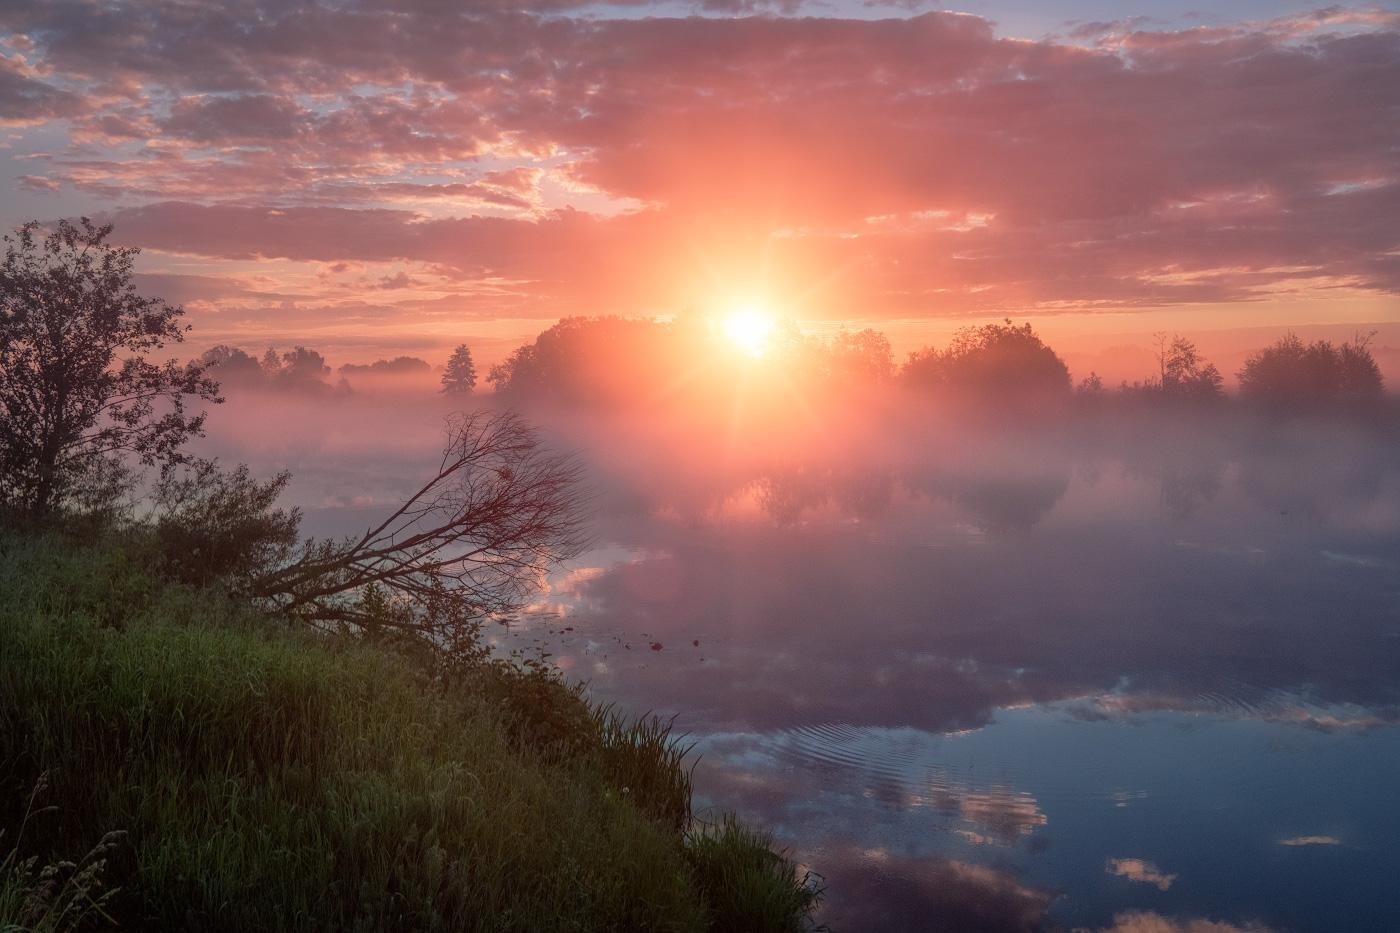 составе утро лето рассвет солнце красивые картинки красотка